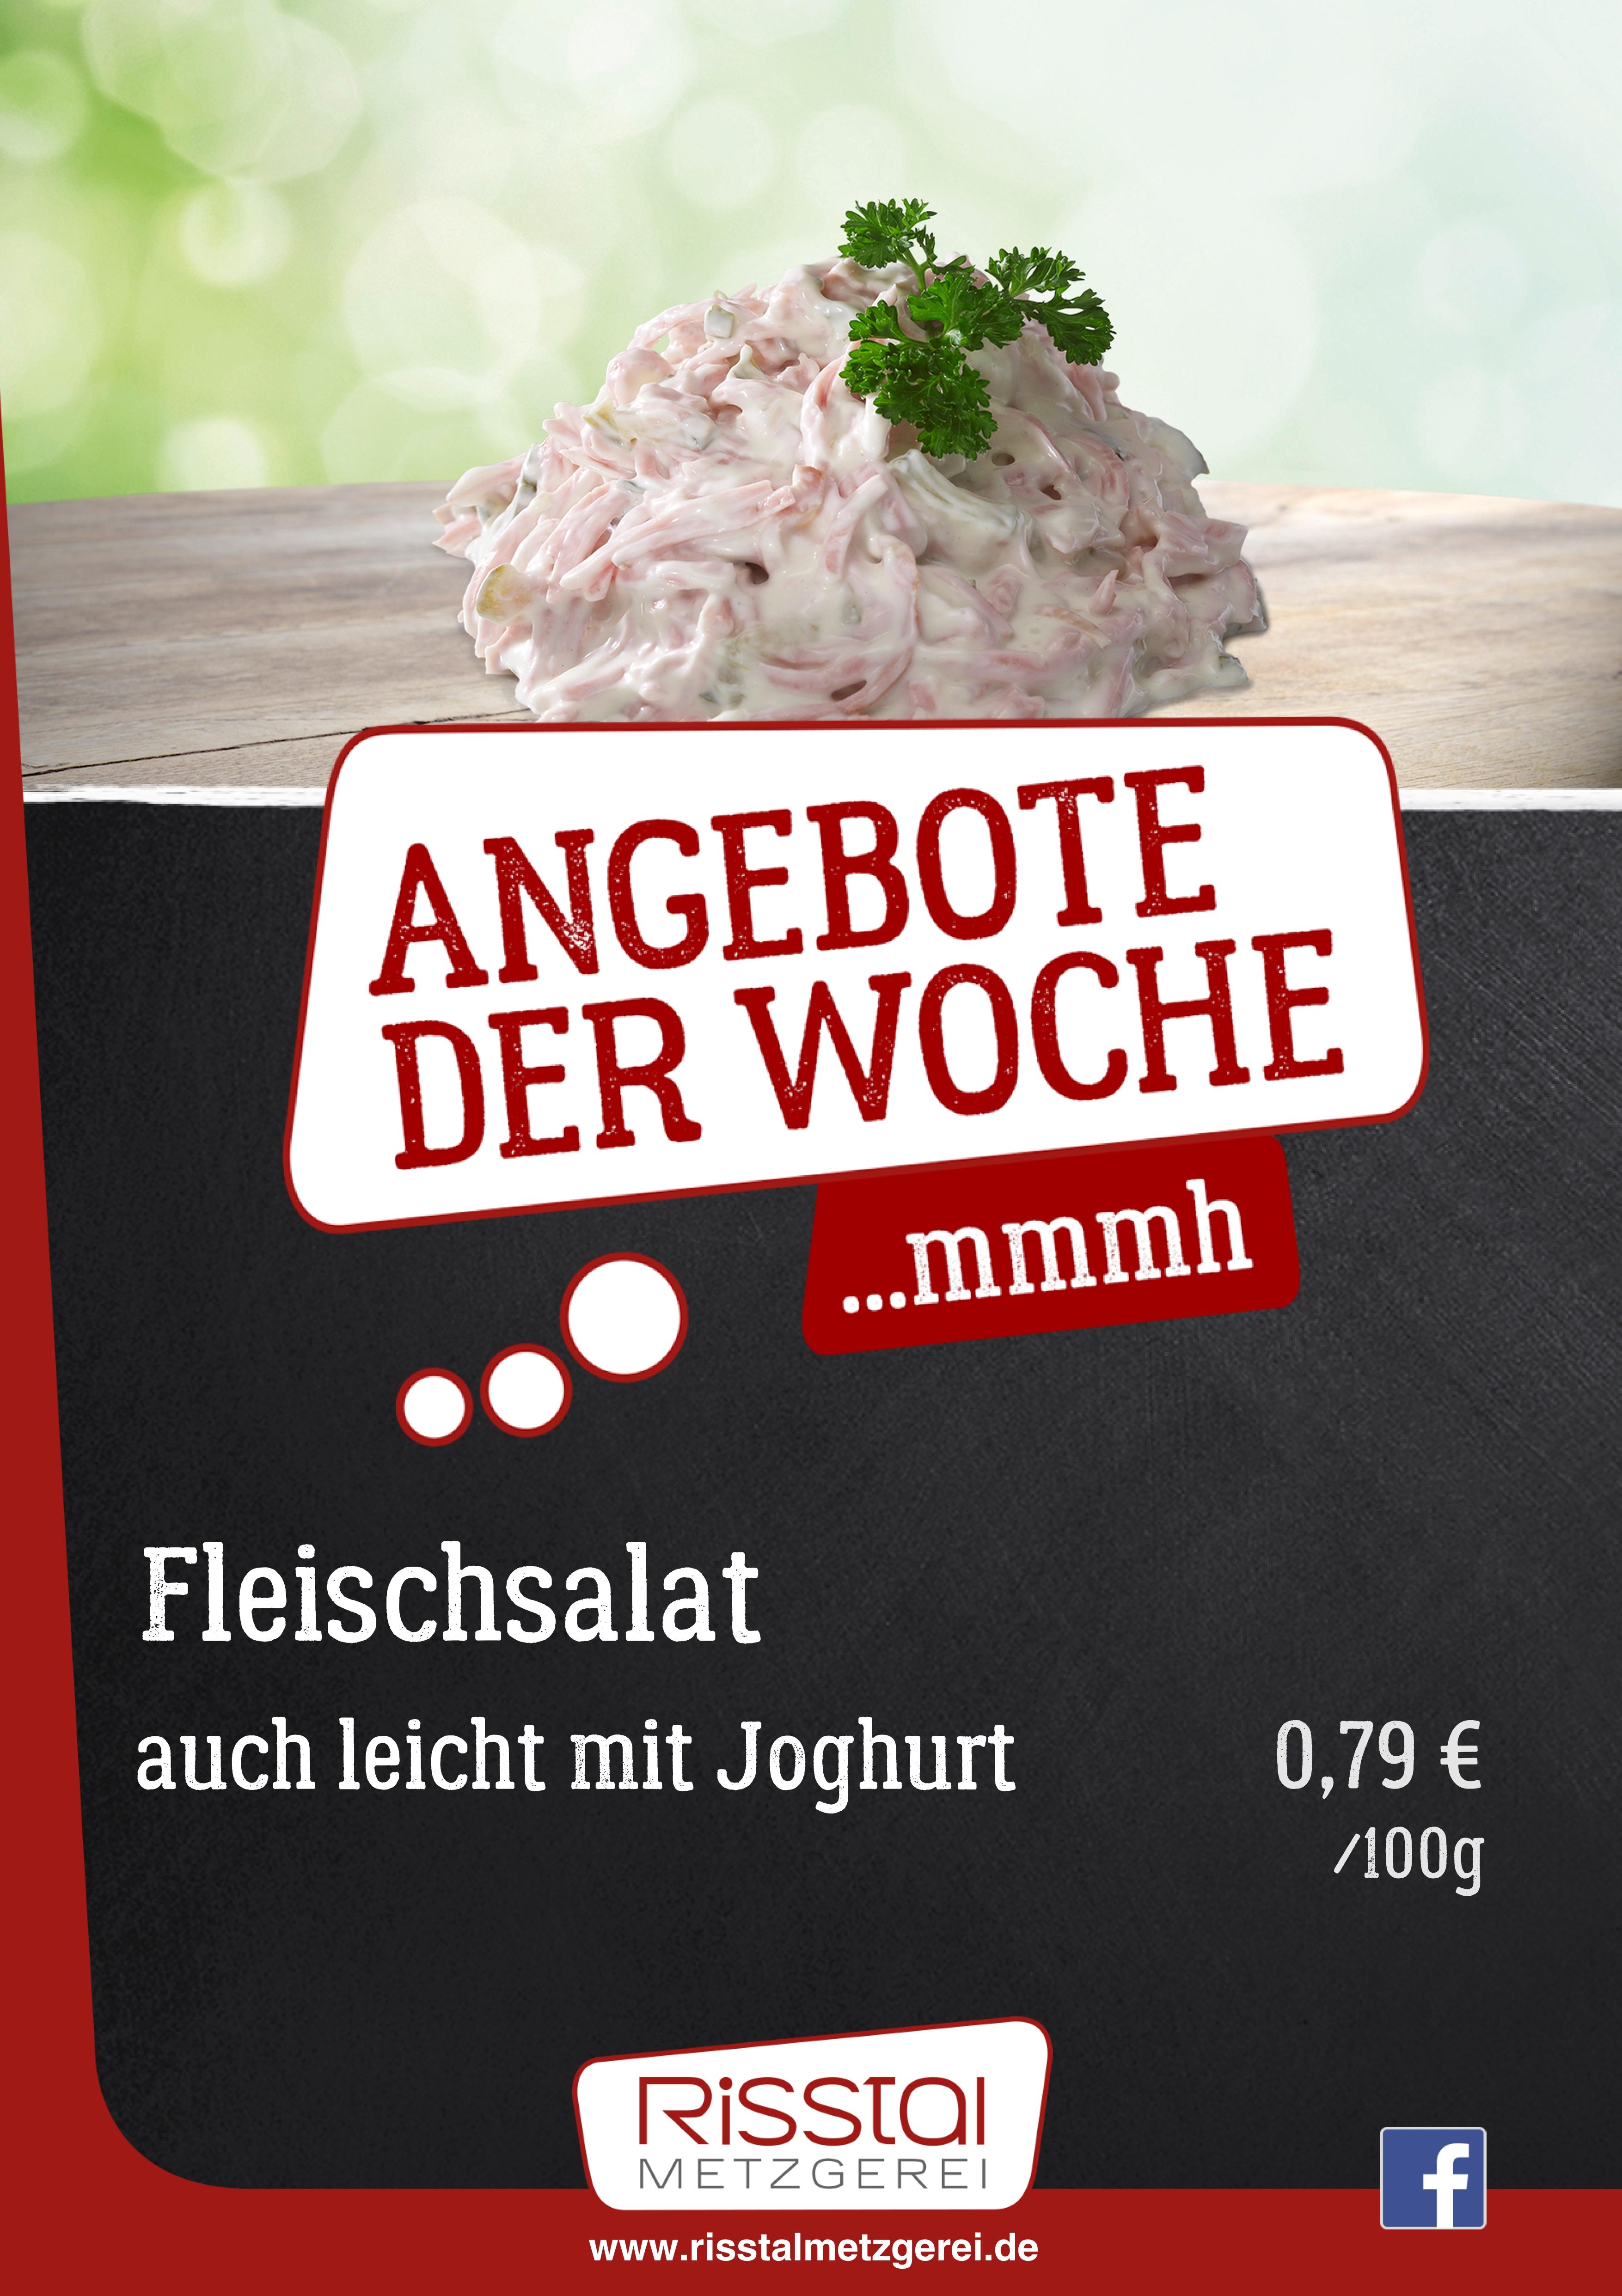 webbild_A1 1 Media Element_Hoch (22)